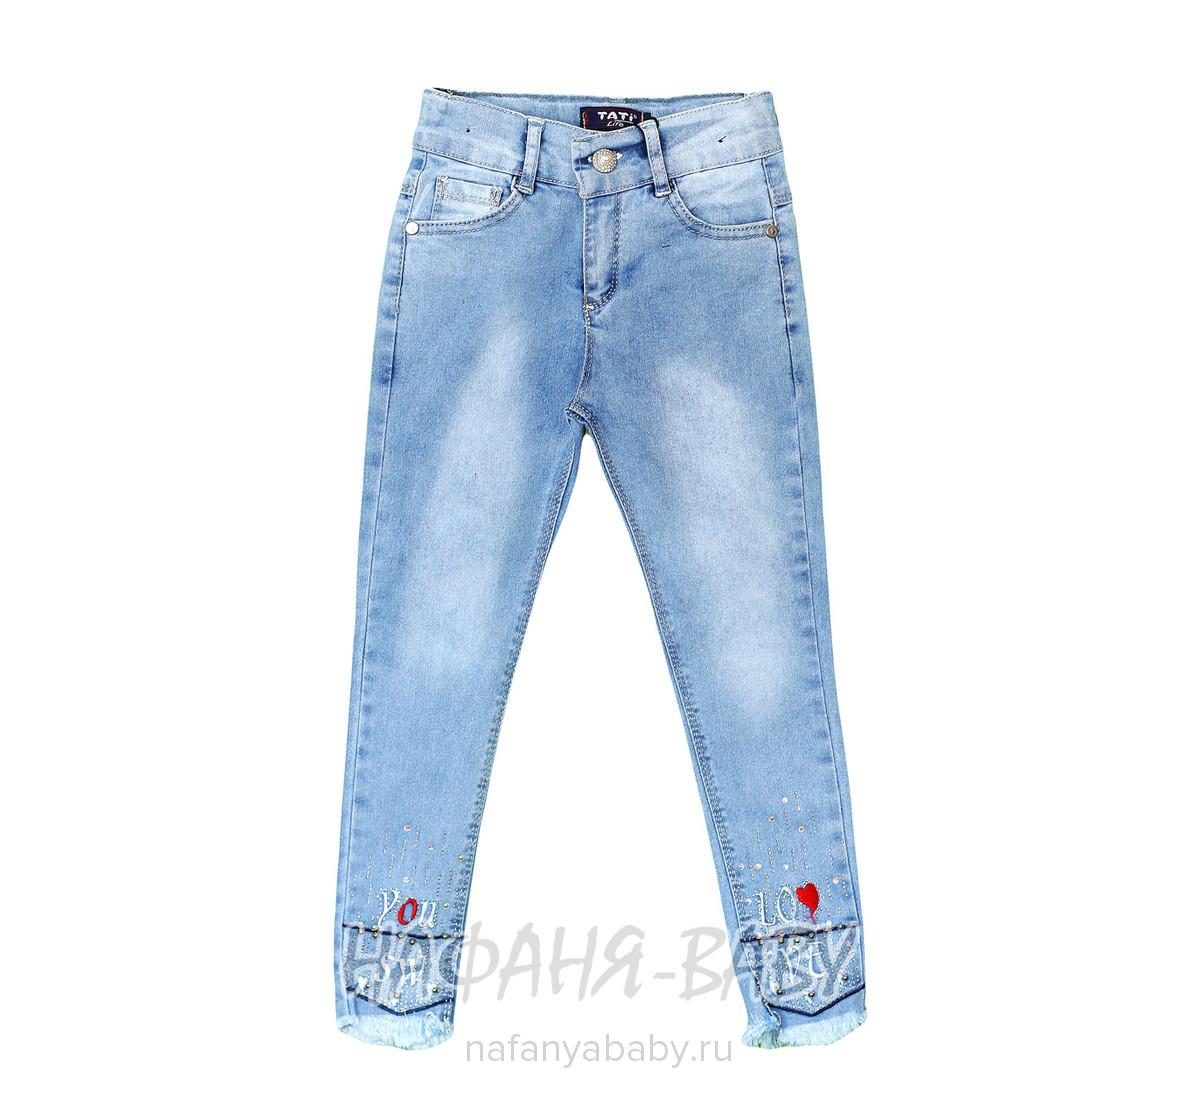 Подростковые джинсы TATI Jeans арт: 3055, 10-15 лет, 5-9 лет, цвет голубой, оптом Турция